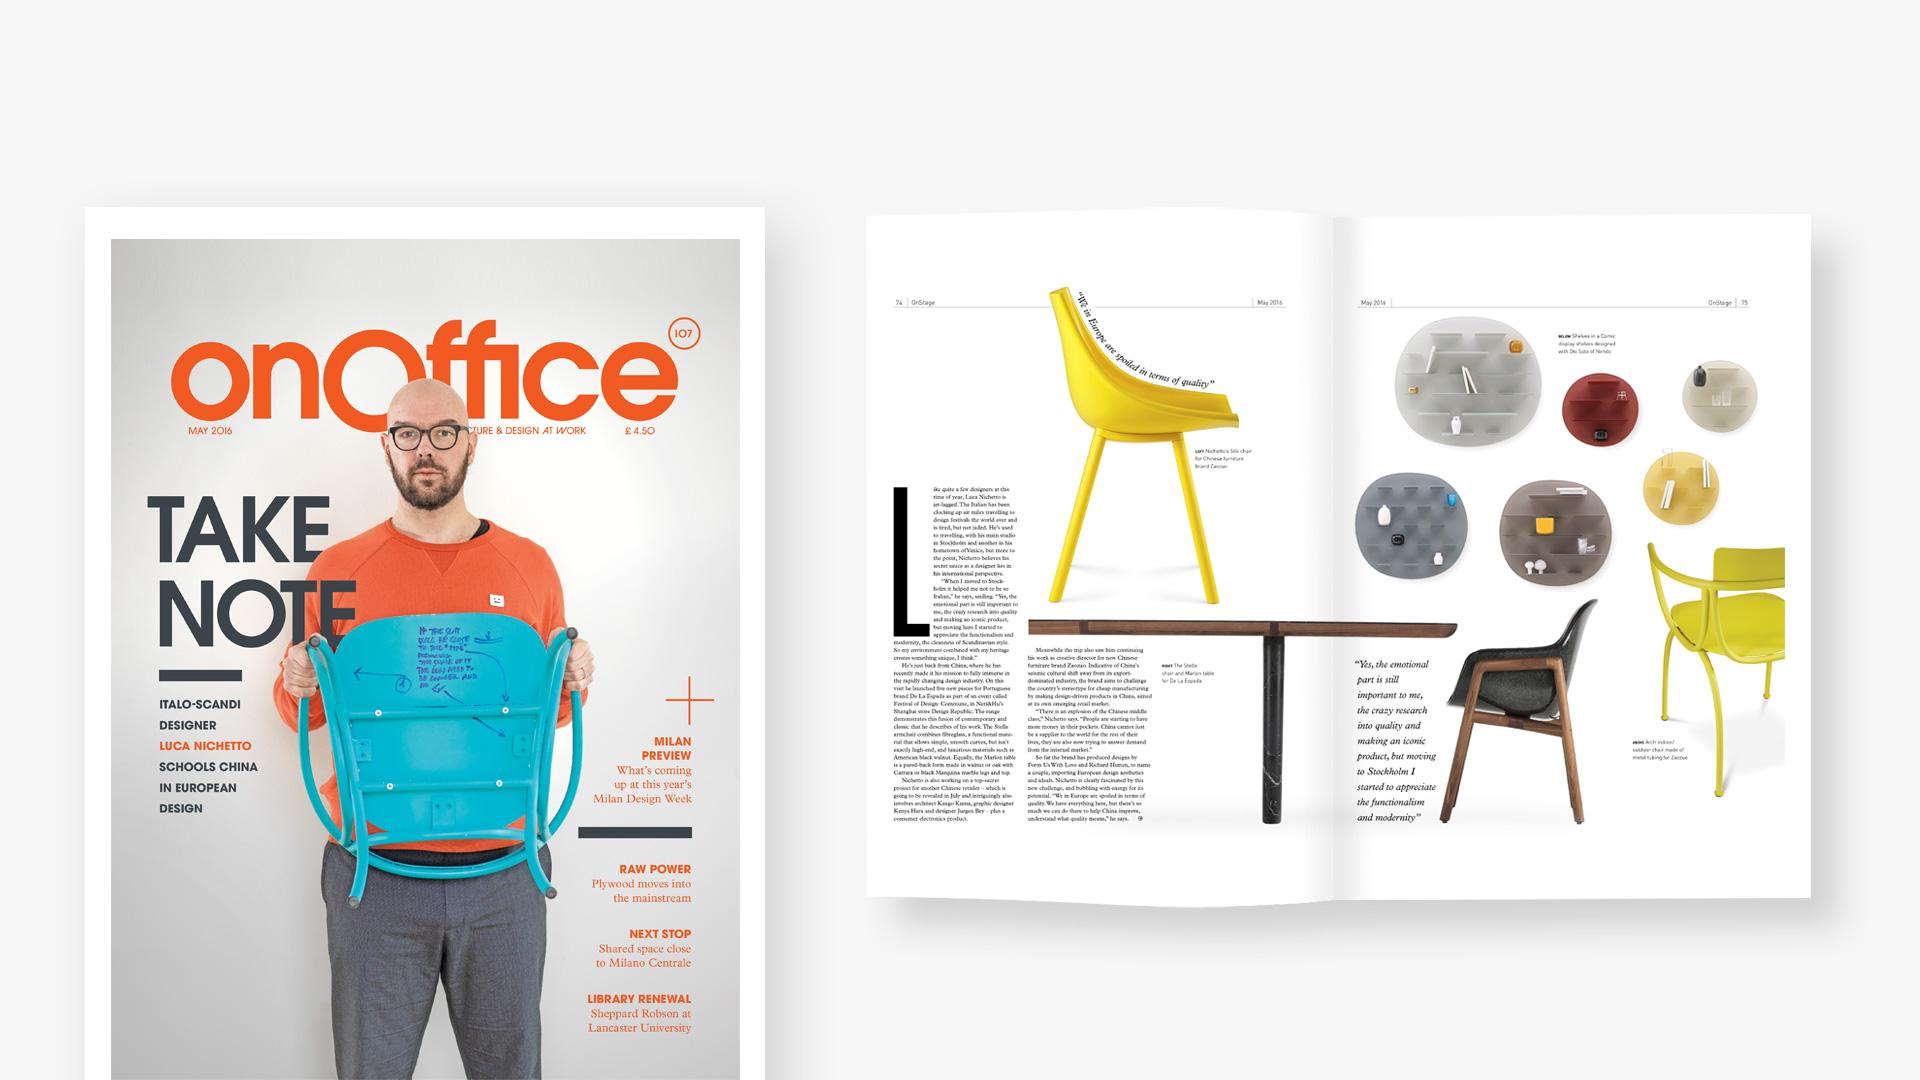 就是不容丝毫偏差,就是要完美呈现最佳比例与弧度,就是造作。Luca Nichetto 手持那把画满细节推敲需求的样板弓椅,登上英国设计杂志onOffice 2016年5月刊的封面。